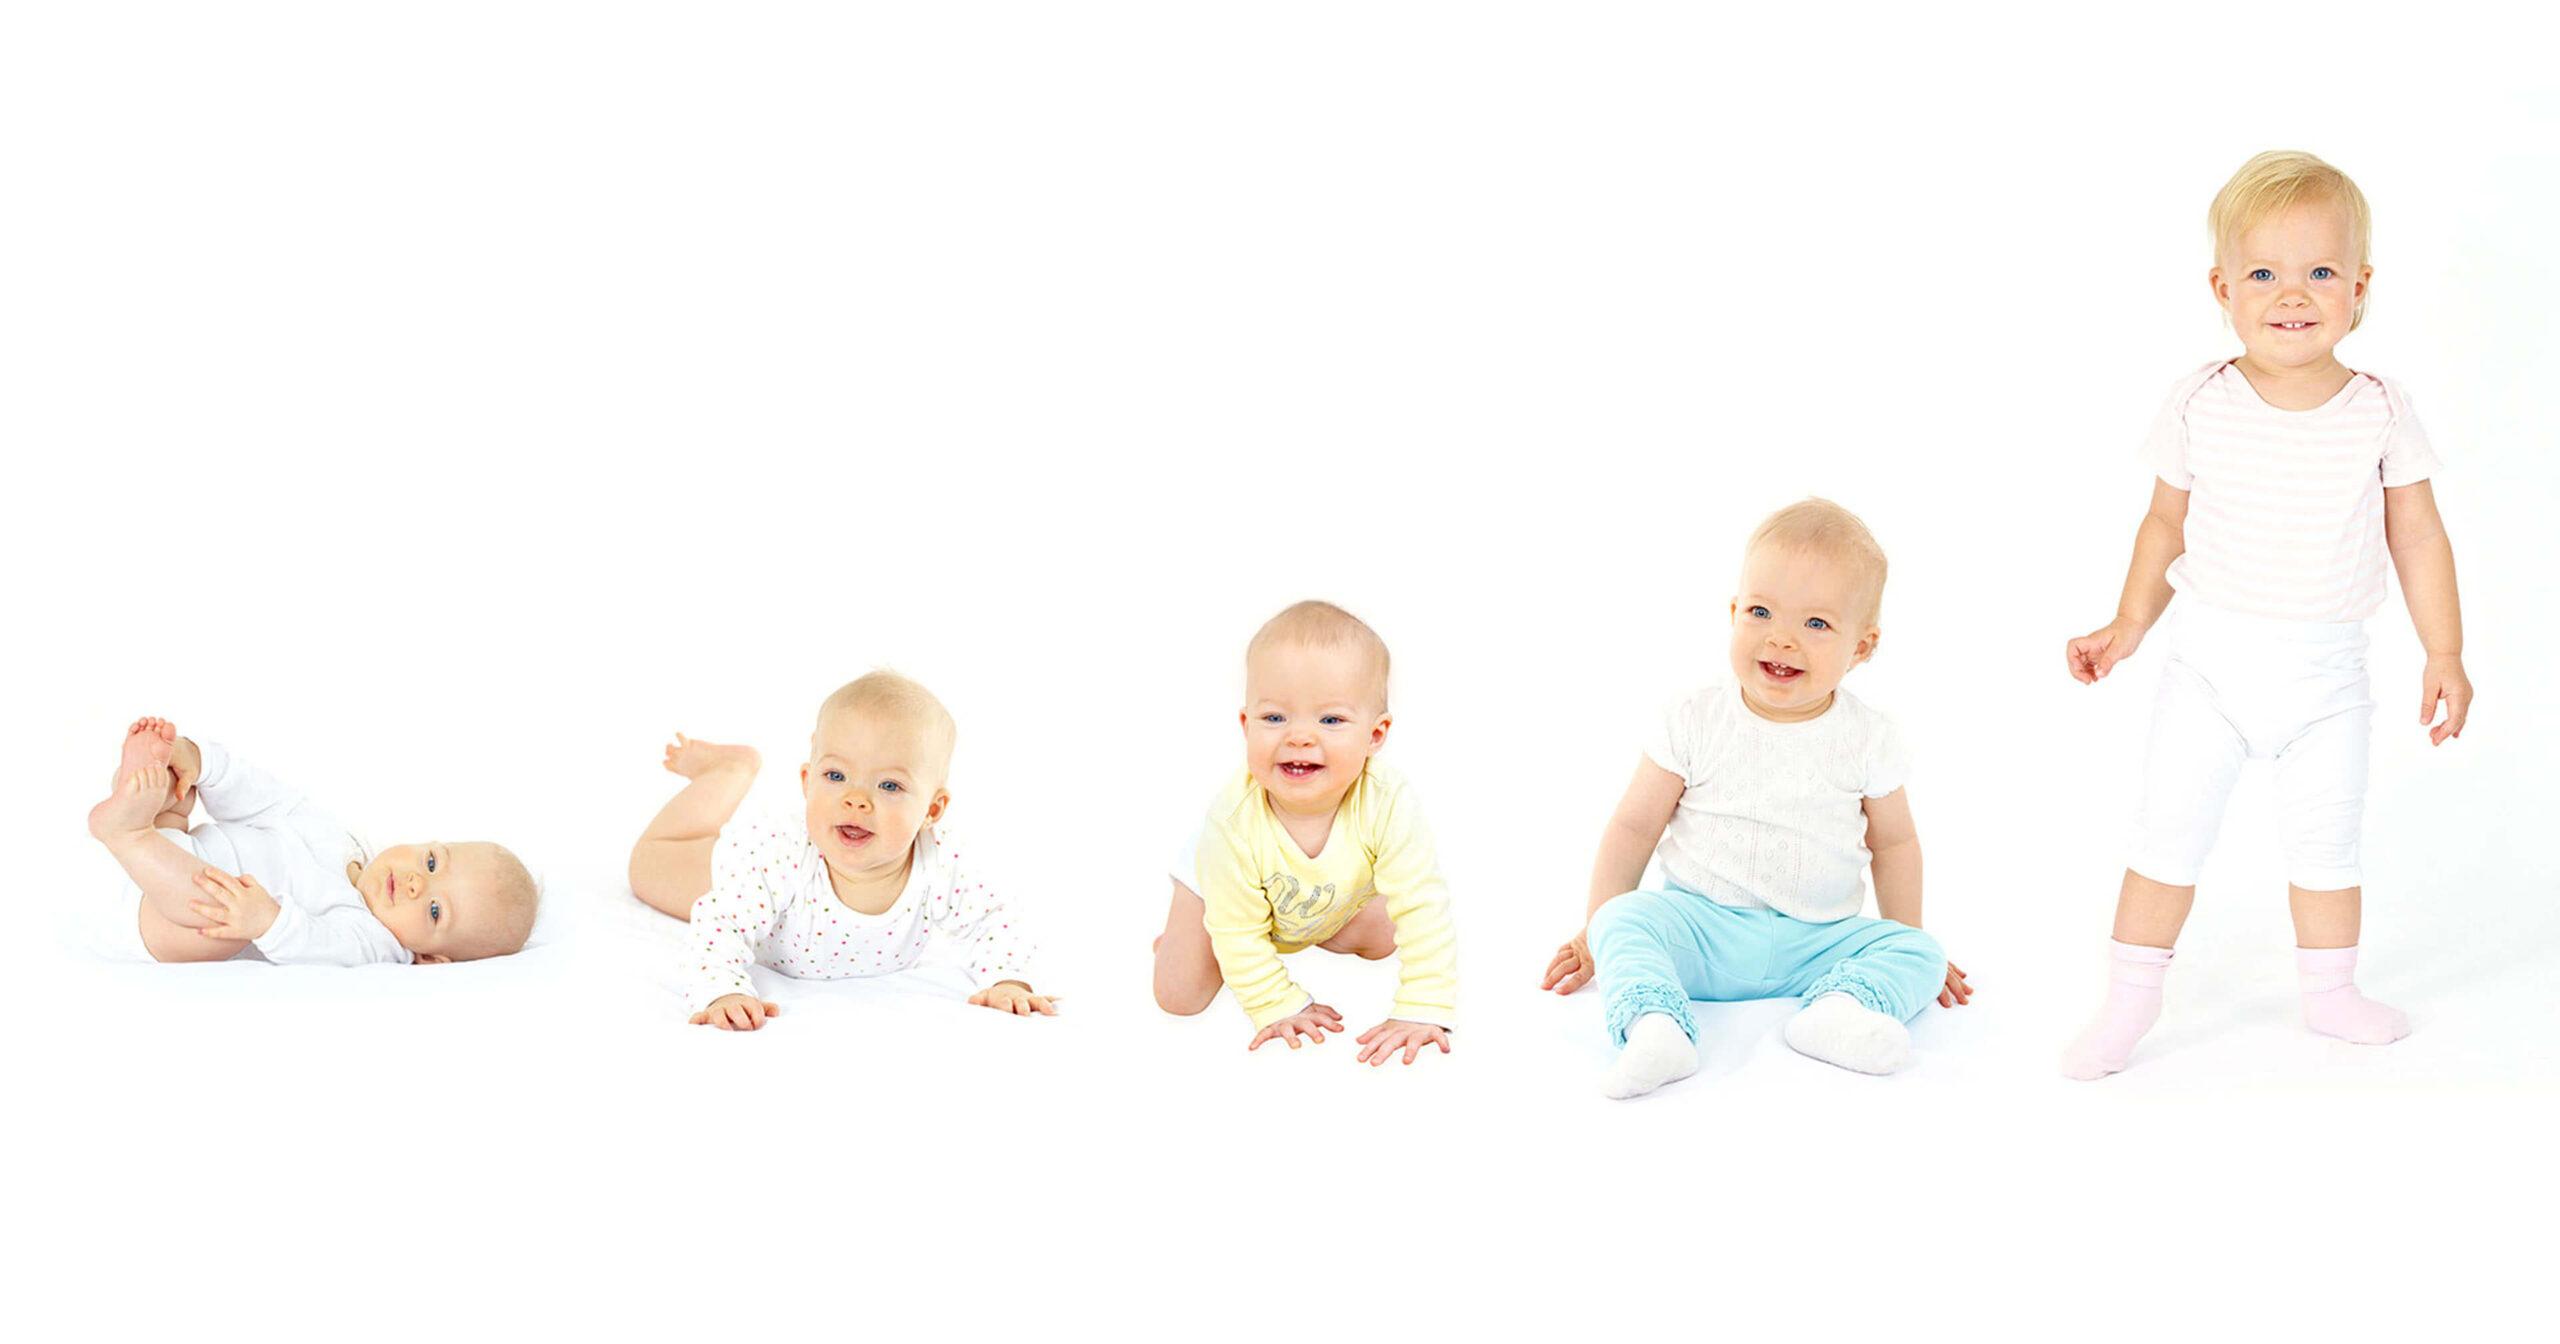 علامات تدل على نمو الطفل بشكل سليم